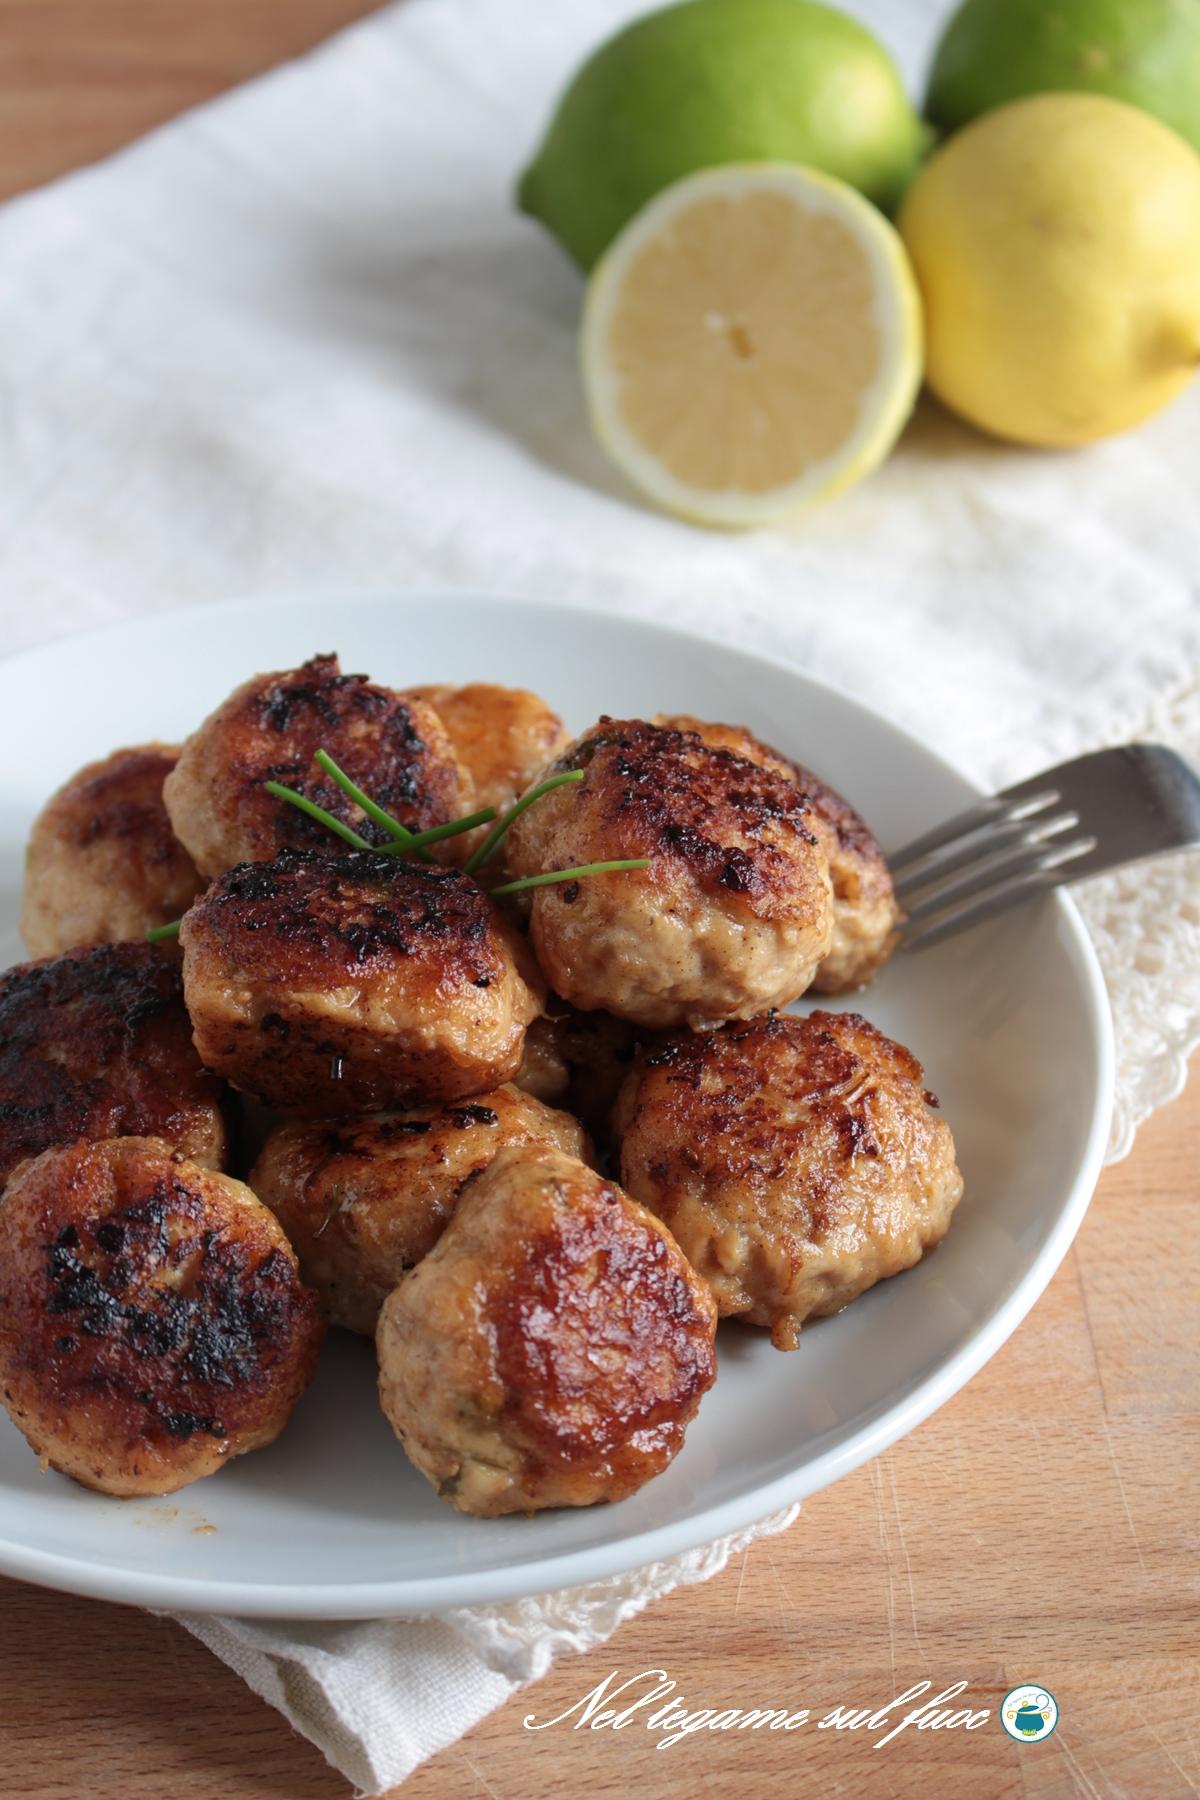 Polpette di pollo senza uova al limone e cotte in padella